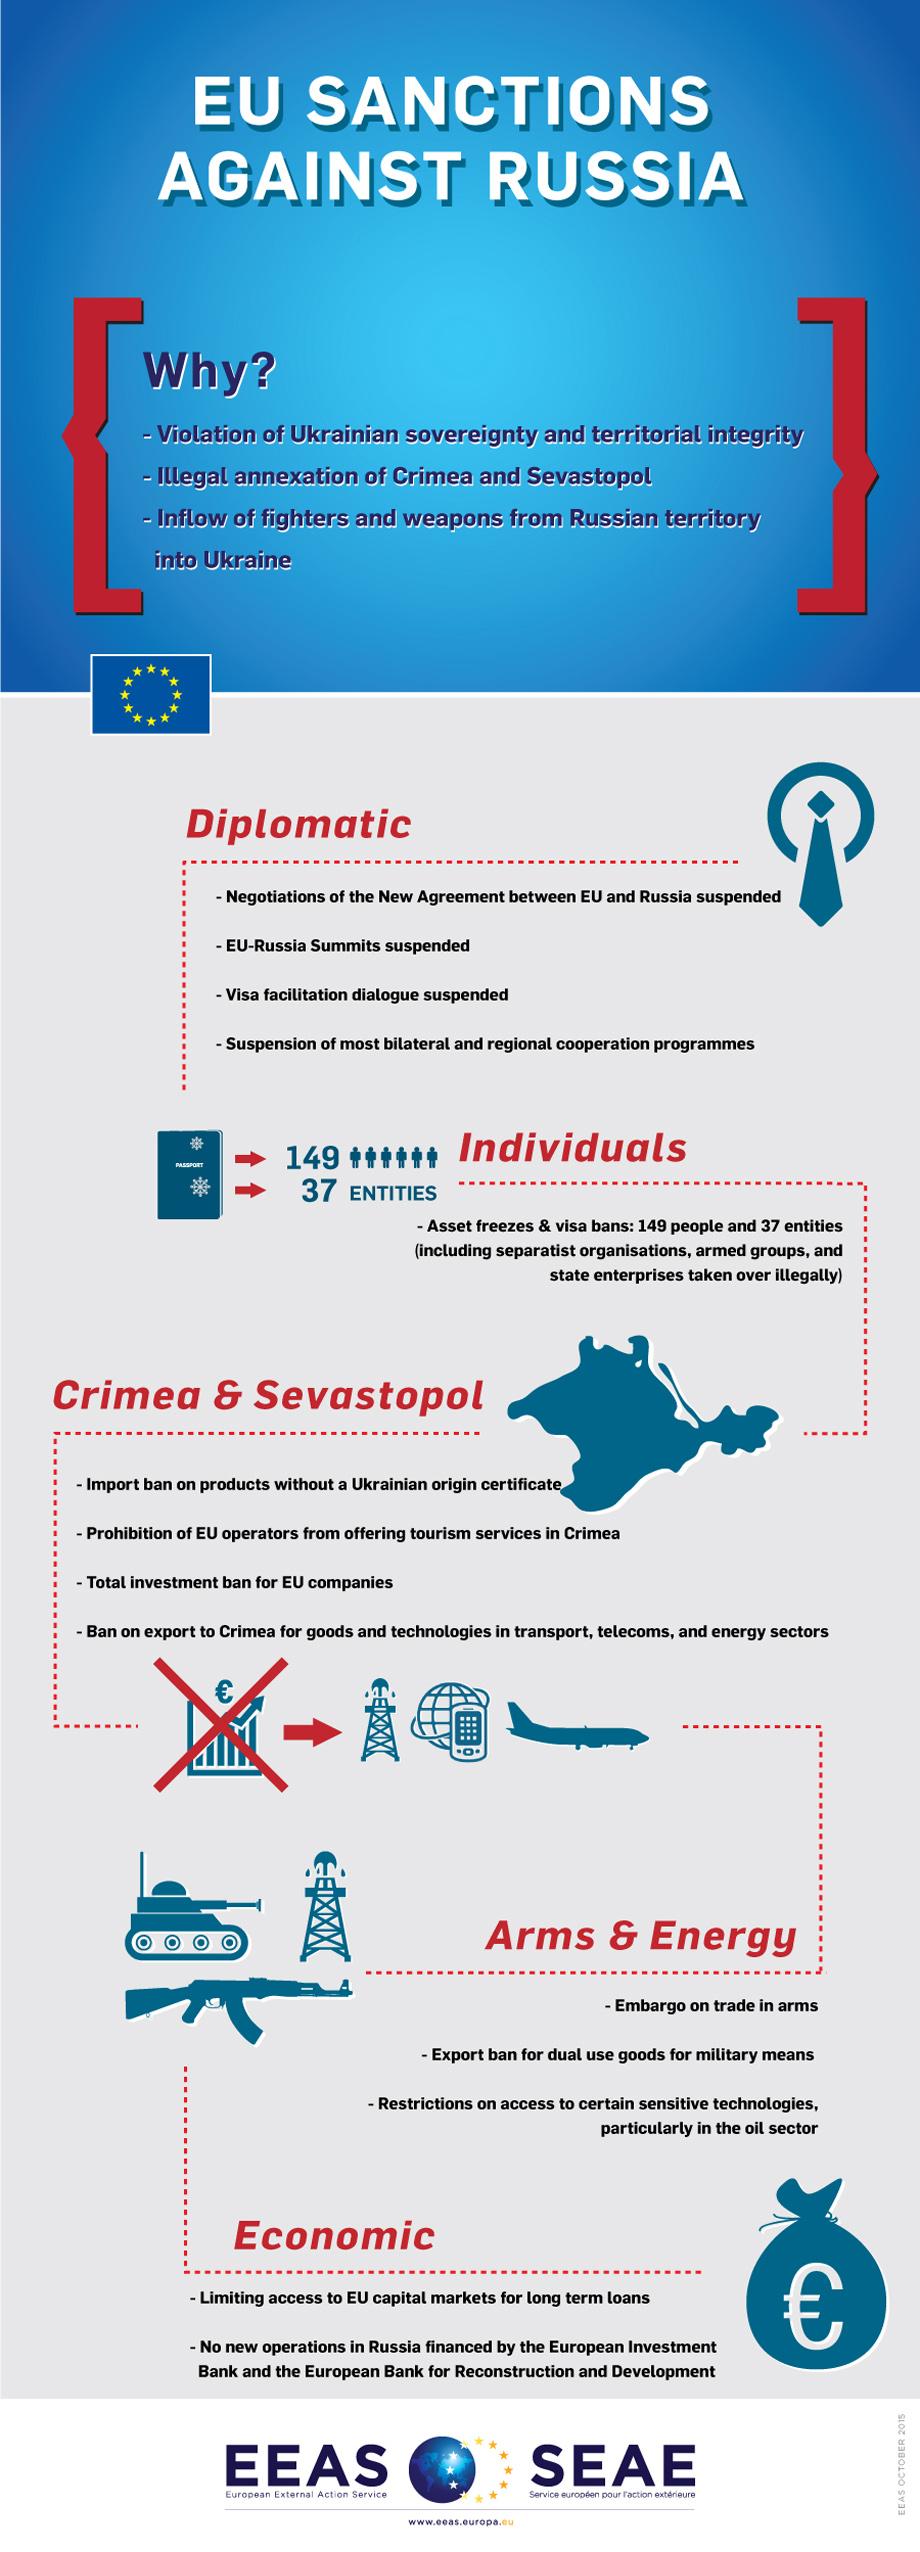 У ЄС пояснили в інфографіці, за що давлять Росію санкціями - фото 1